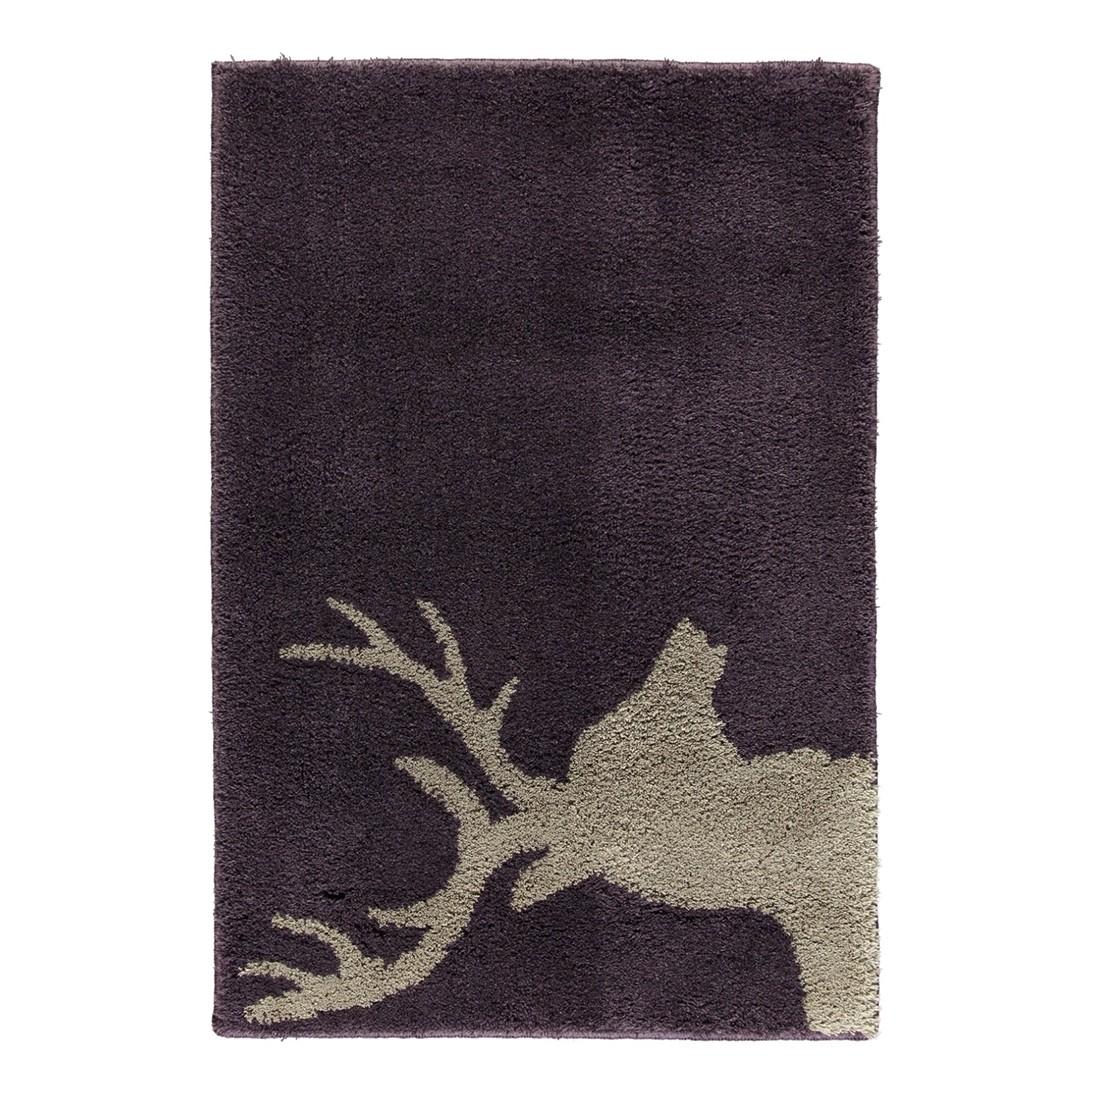 Badteppich Lord – 100% Polyacryl BlauBeere/taupe – 1319 – 70 x 130 cm, Rhomtuft günstig bestellen